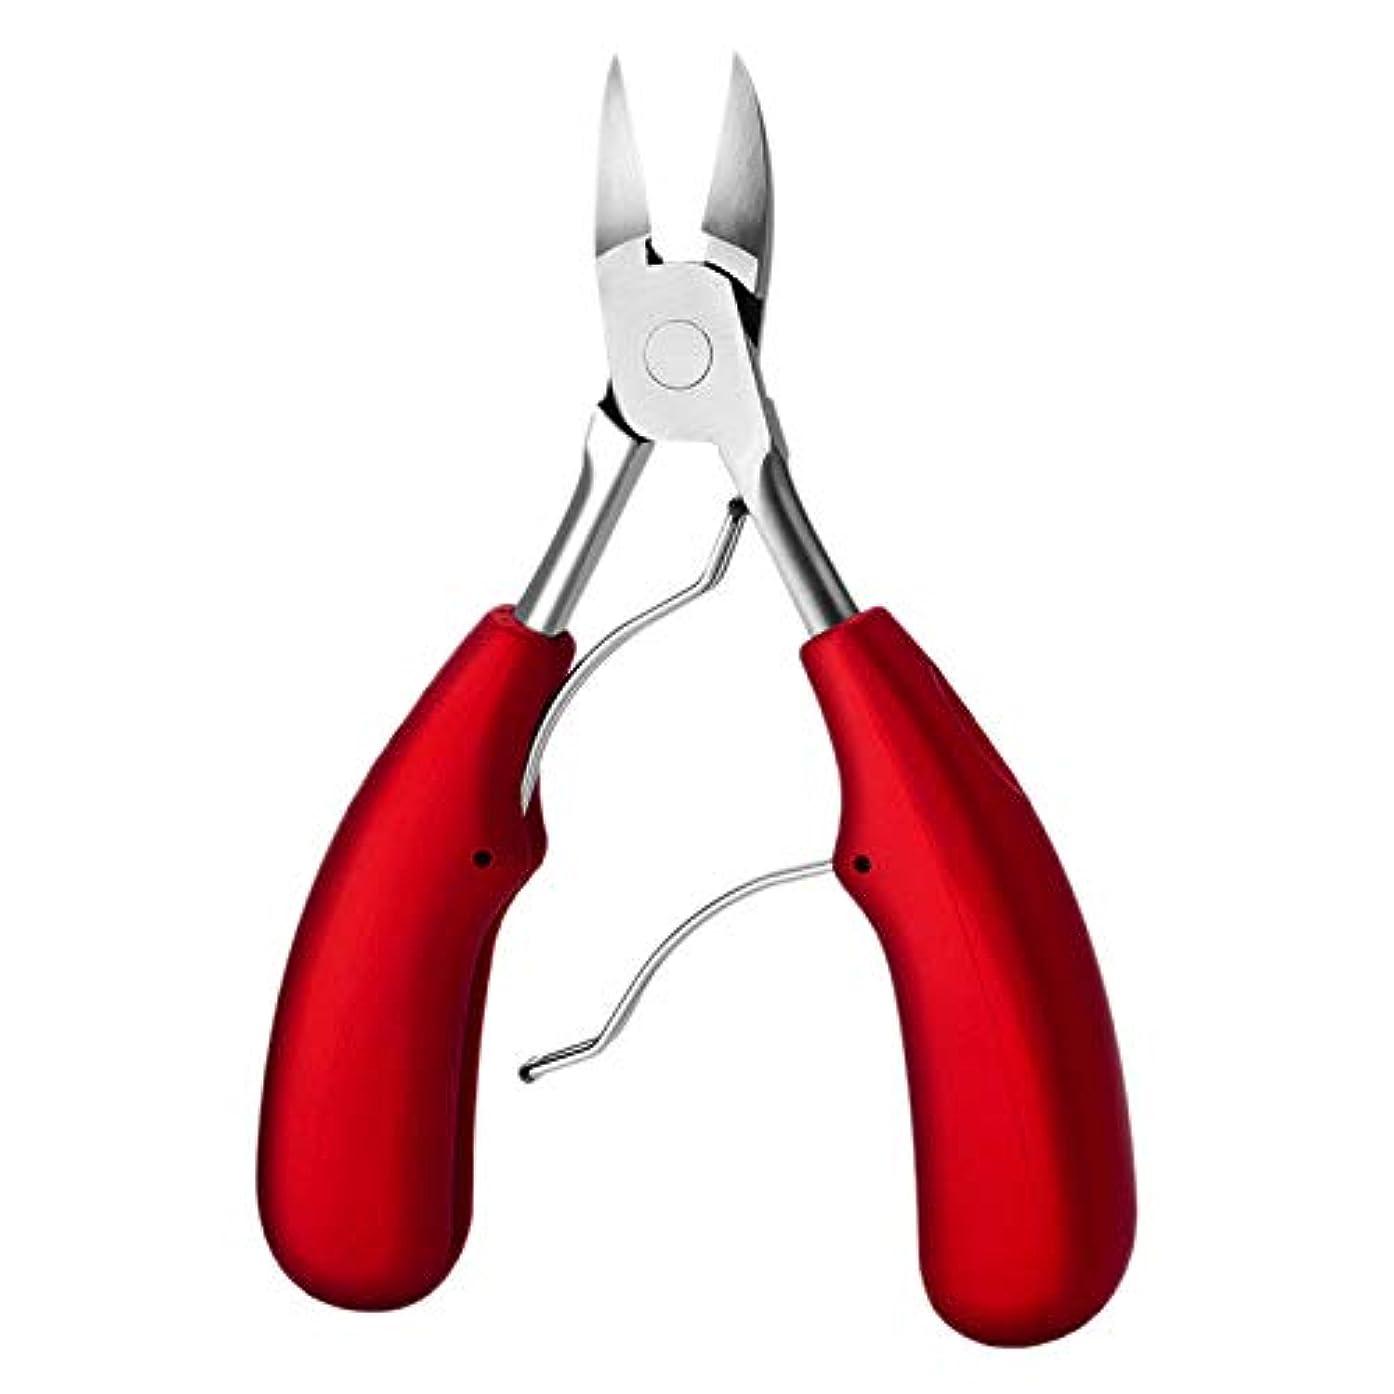 変換結紮大事にするTOOGOO 新型つま先ツメ切り、2ピース、ネイルの修正用ニッパー、クリッパー、カッター、死んだ皮膚汚れのリムーバー、足病治療、ペディキュアケアツール、赤色